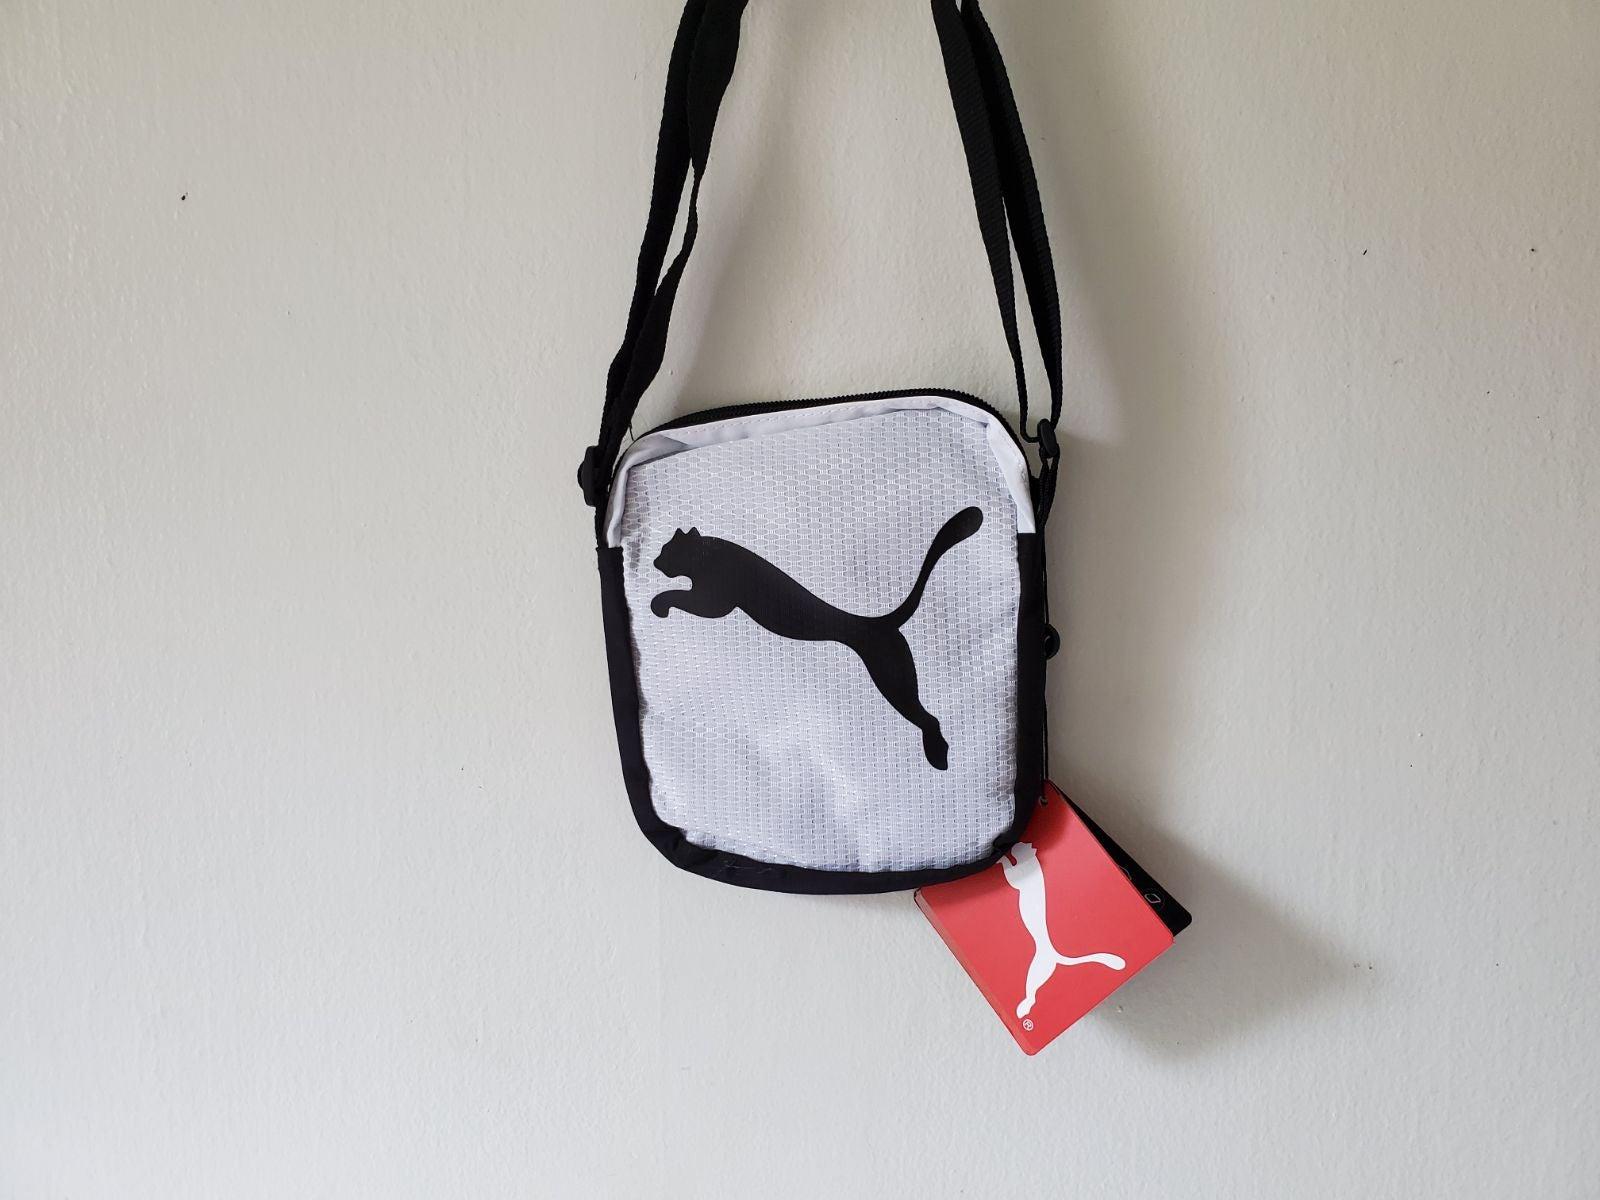 Puma Crossbody bags